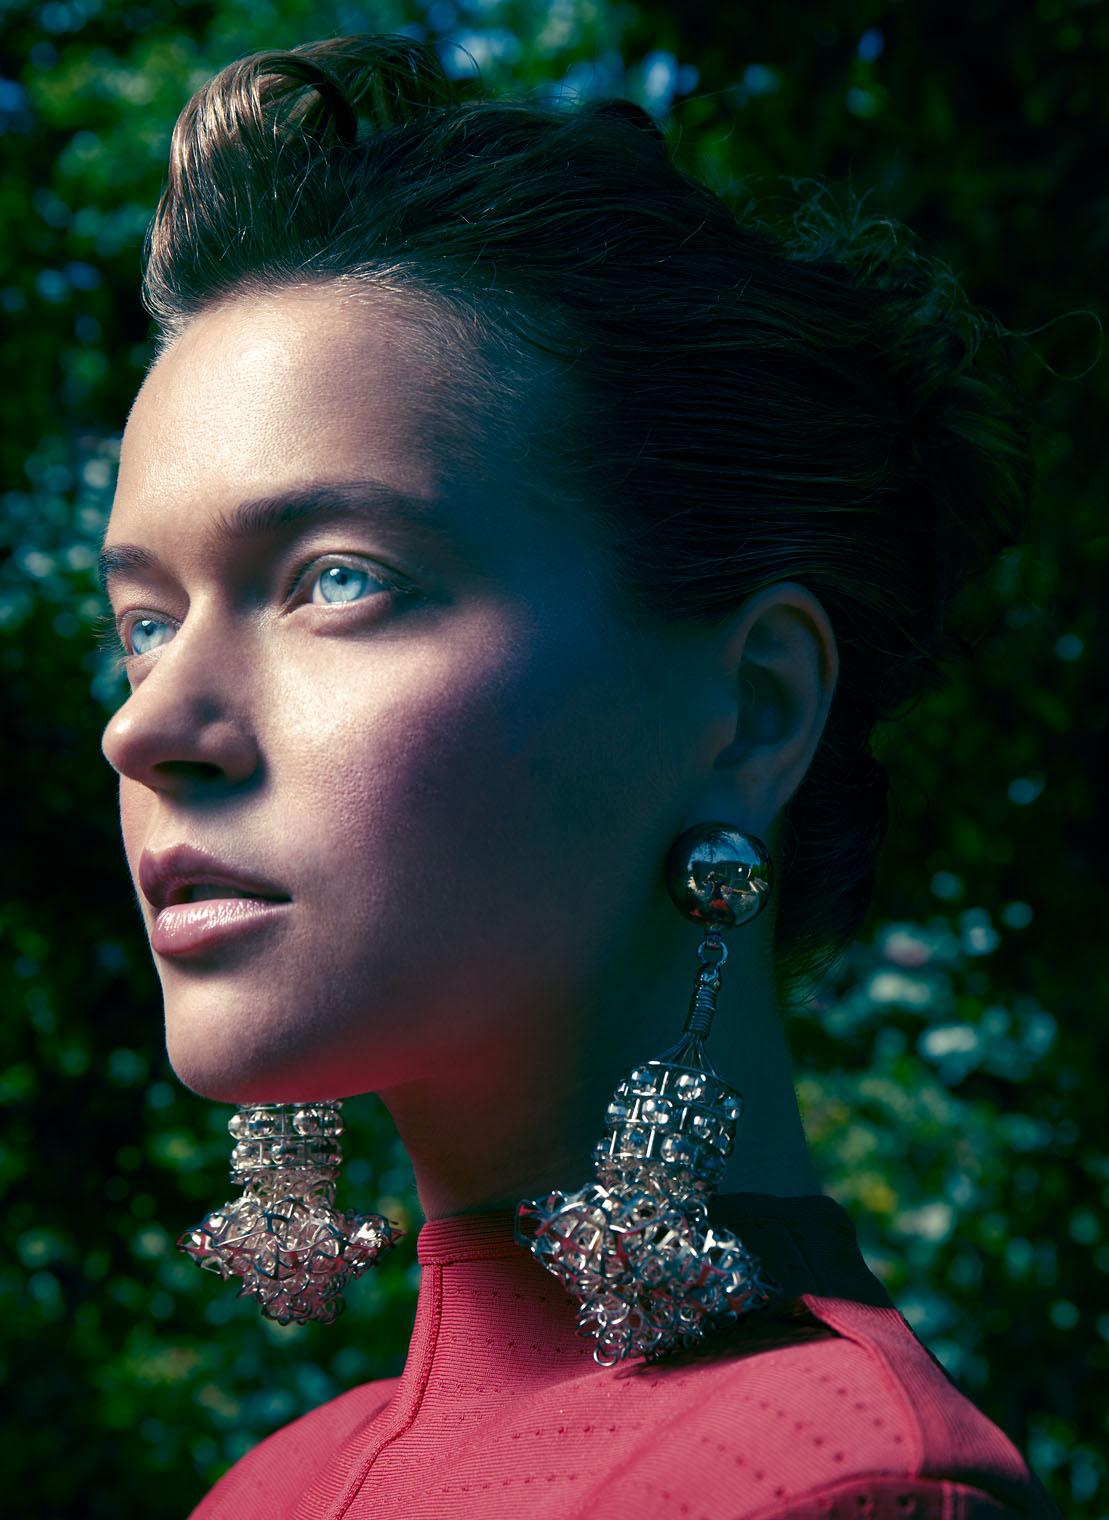 portrait-of-woman-blue-eyes